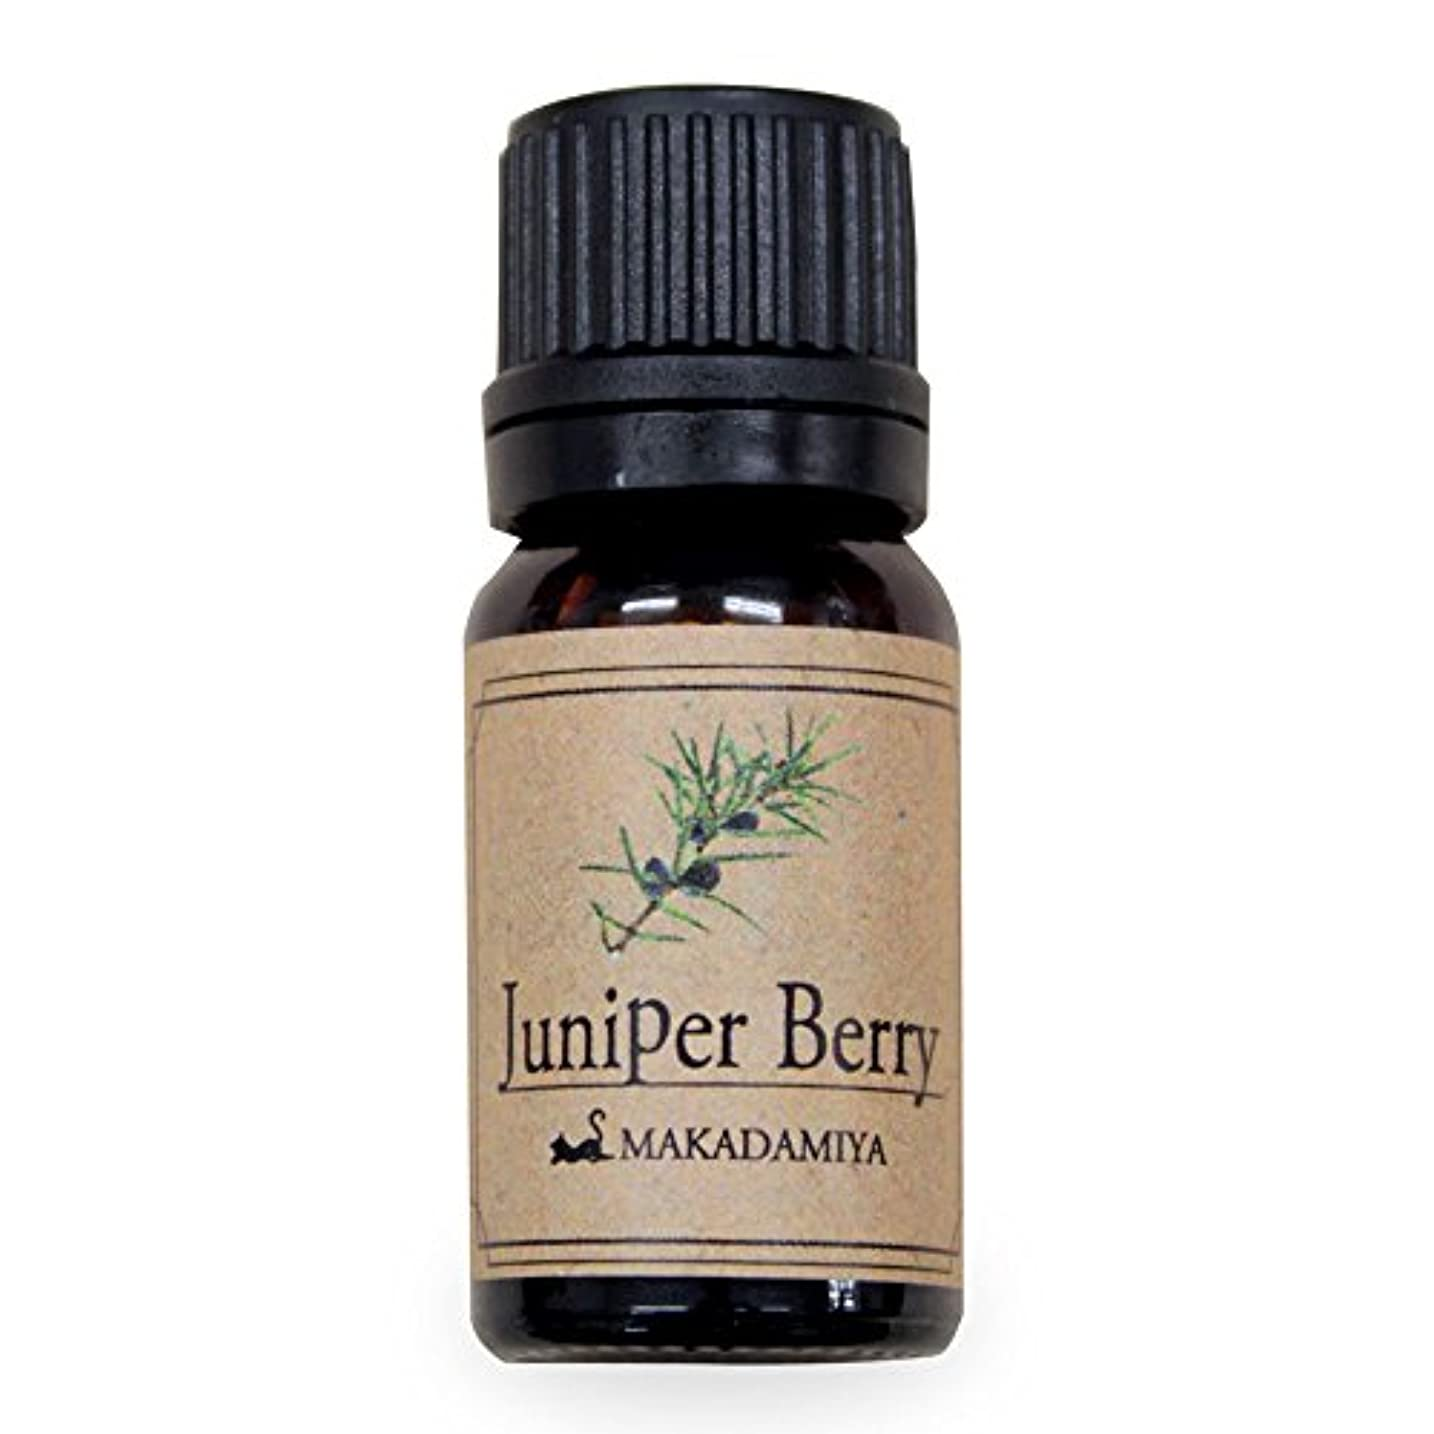 嫌がる目的サイレンジュニパーベリー10ml 天然100%植物性 エッセンシャルオイル(精油) アロマオイル アロママッサージ aroma Junipe Berry